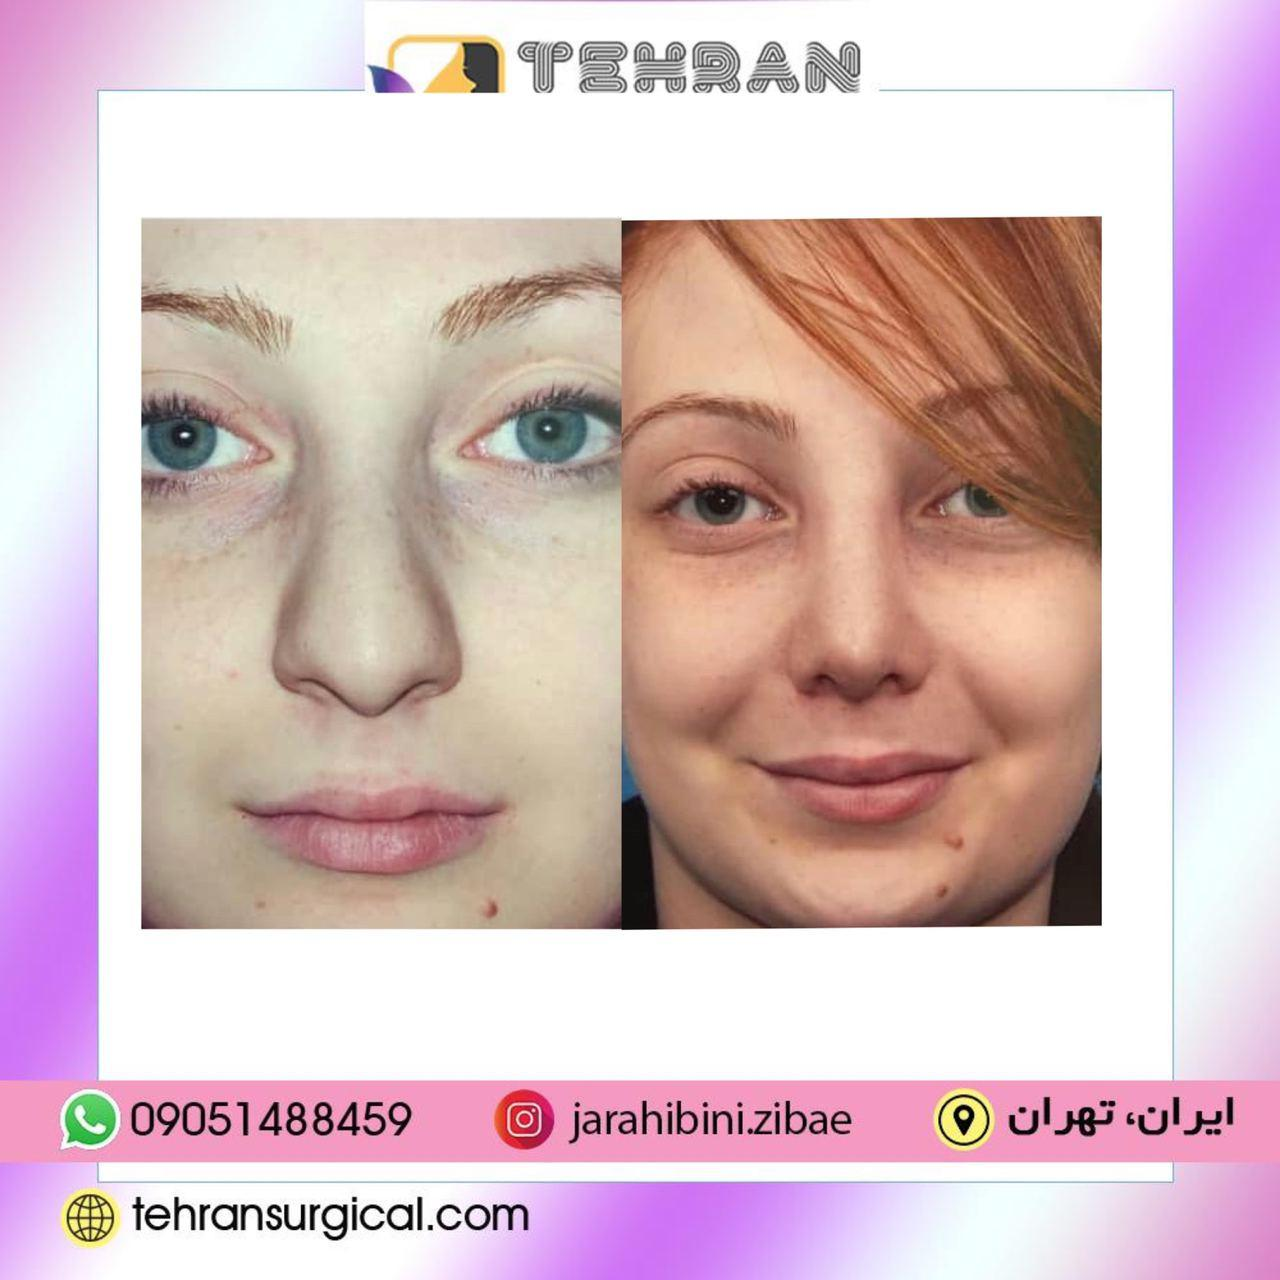 جراحی بینی چگونه انجام میشود